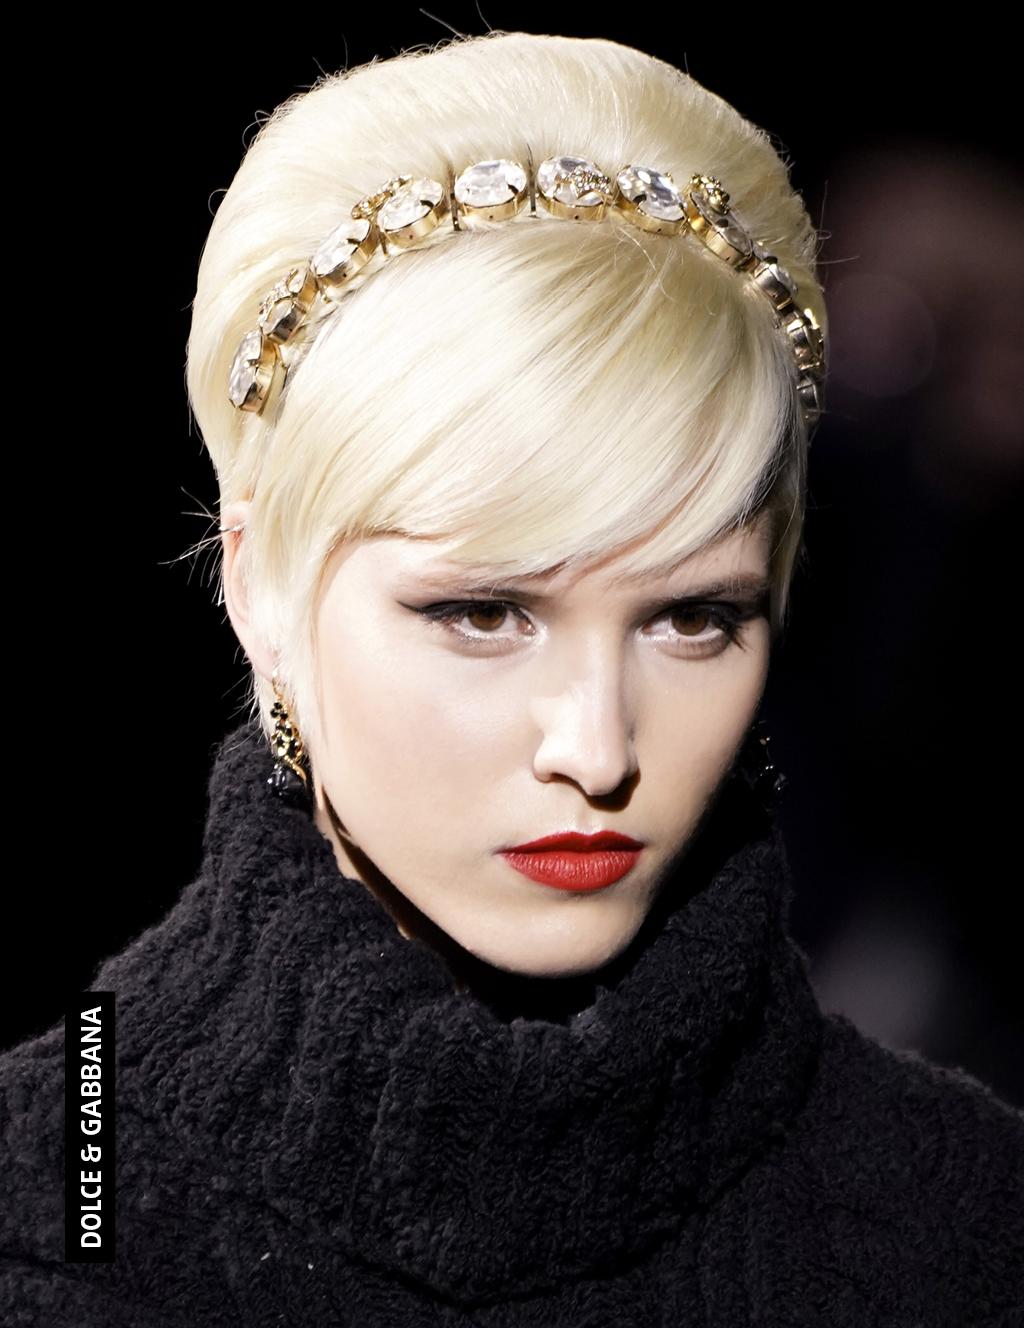 Dolce-n-Gabbana_bty_W_F20_MI_016_3356317